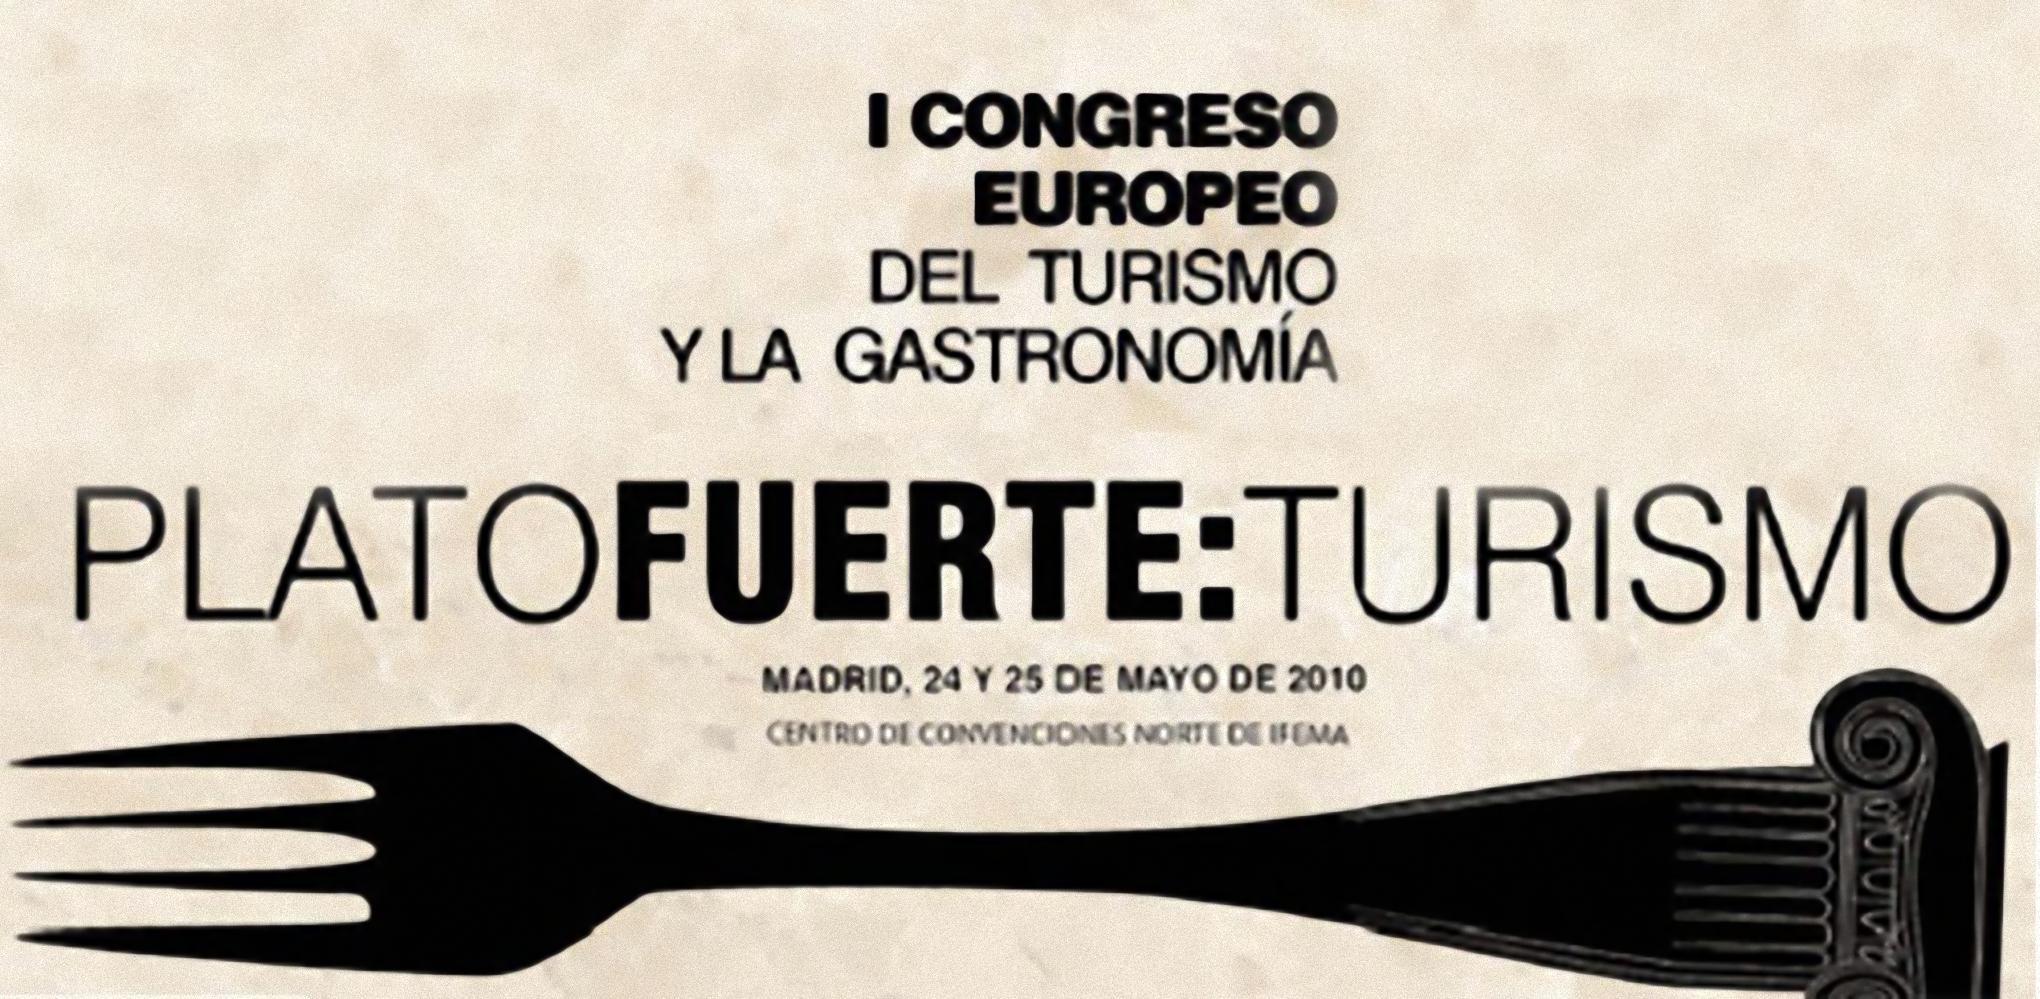 I Congreso Europeo del Turismo y la Gastronomía